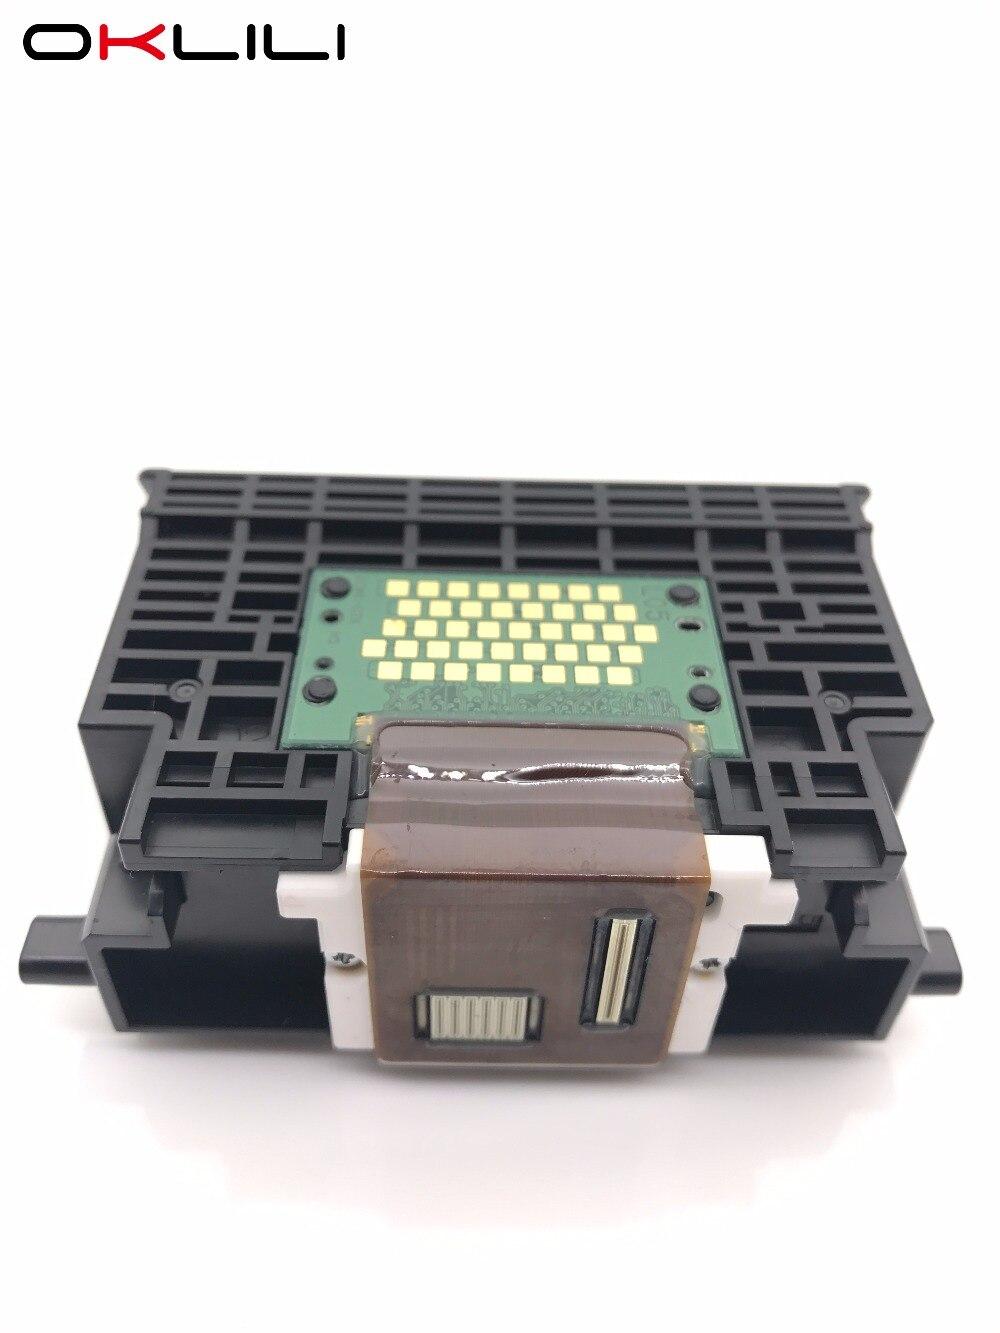 Canlı iP4200 MP500 MP530 üçün OKLILI ORIGINAL QY6-0059 - Ofis elektronikası - Fotoqrafiya 4